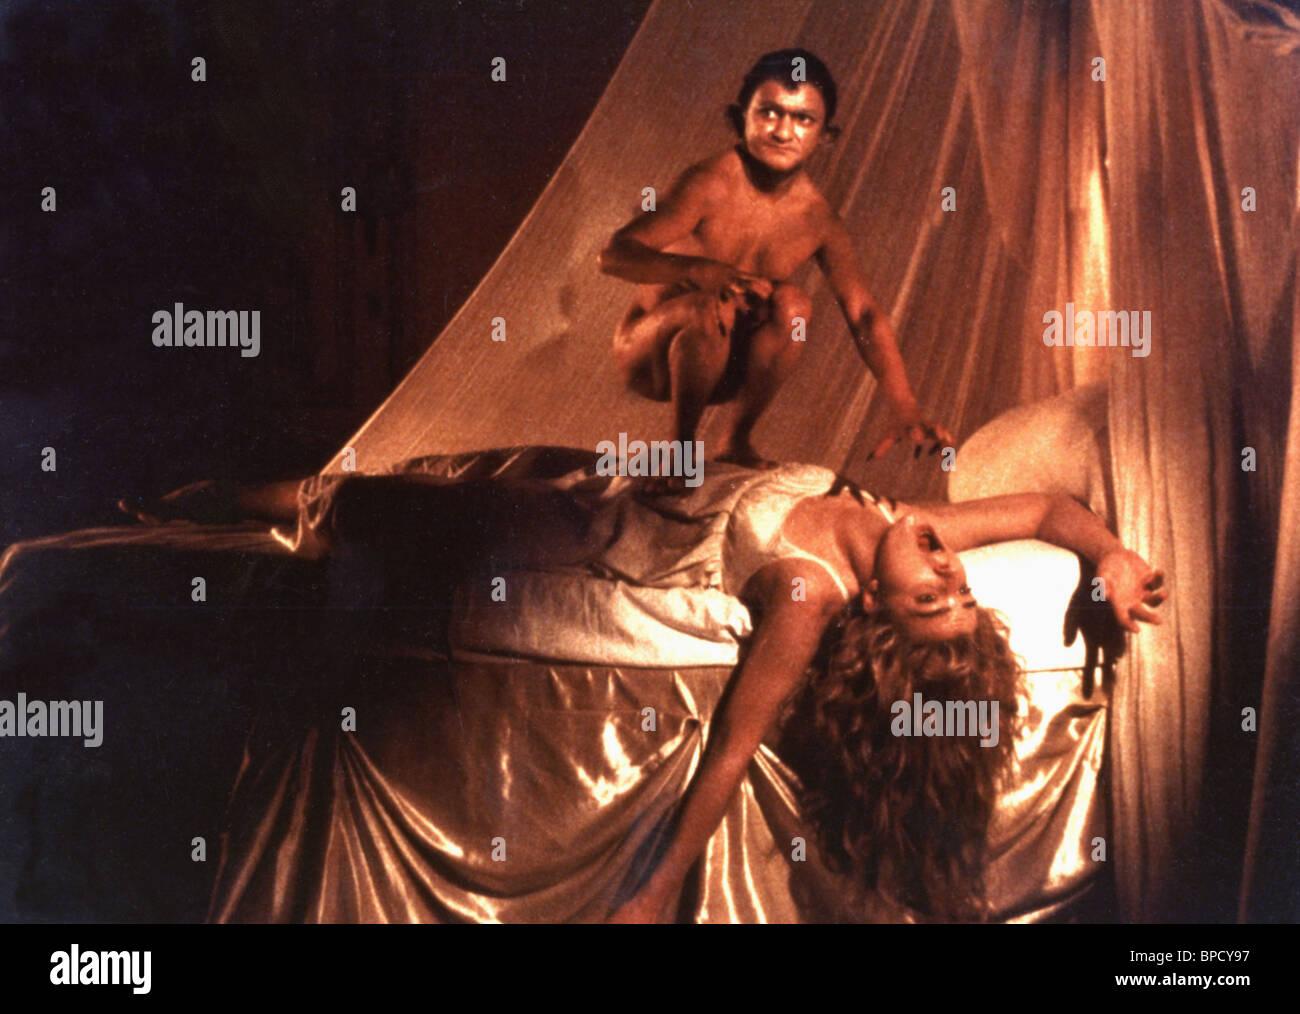 NATASHA RICHARDSON GOTHIC (1986) - Stock Image